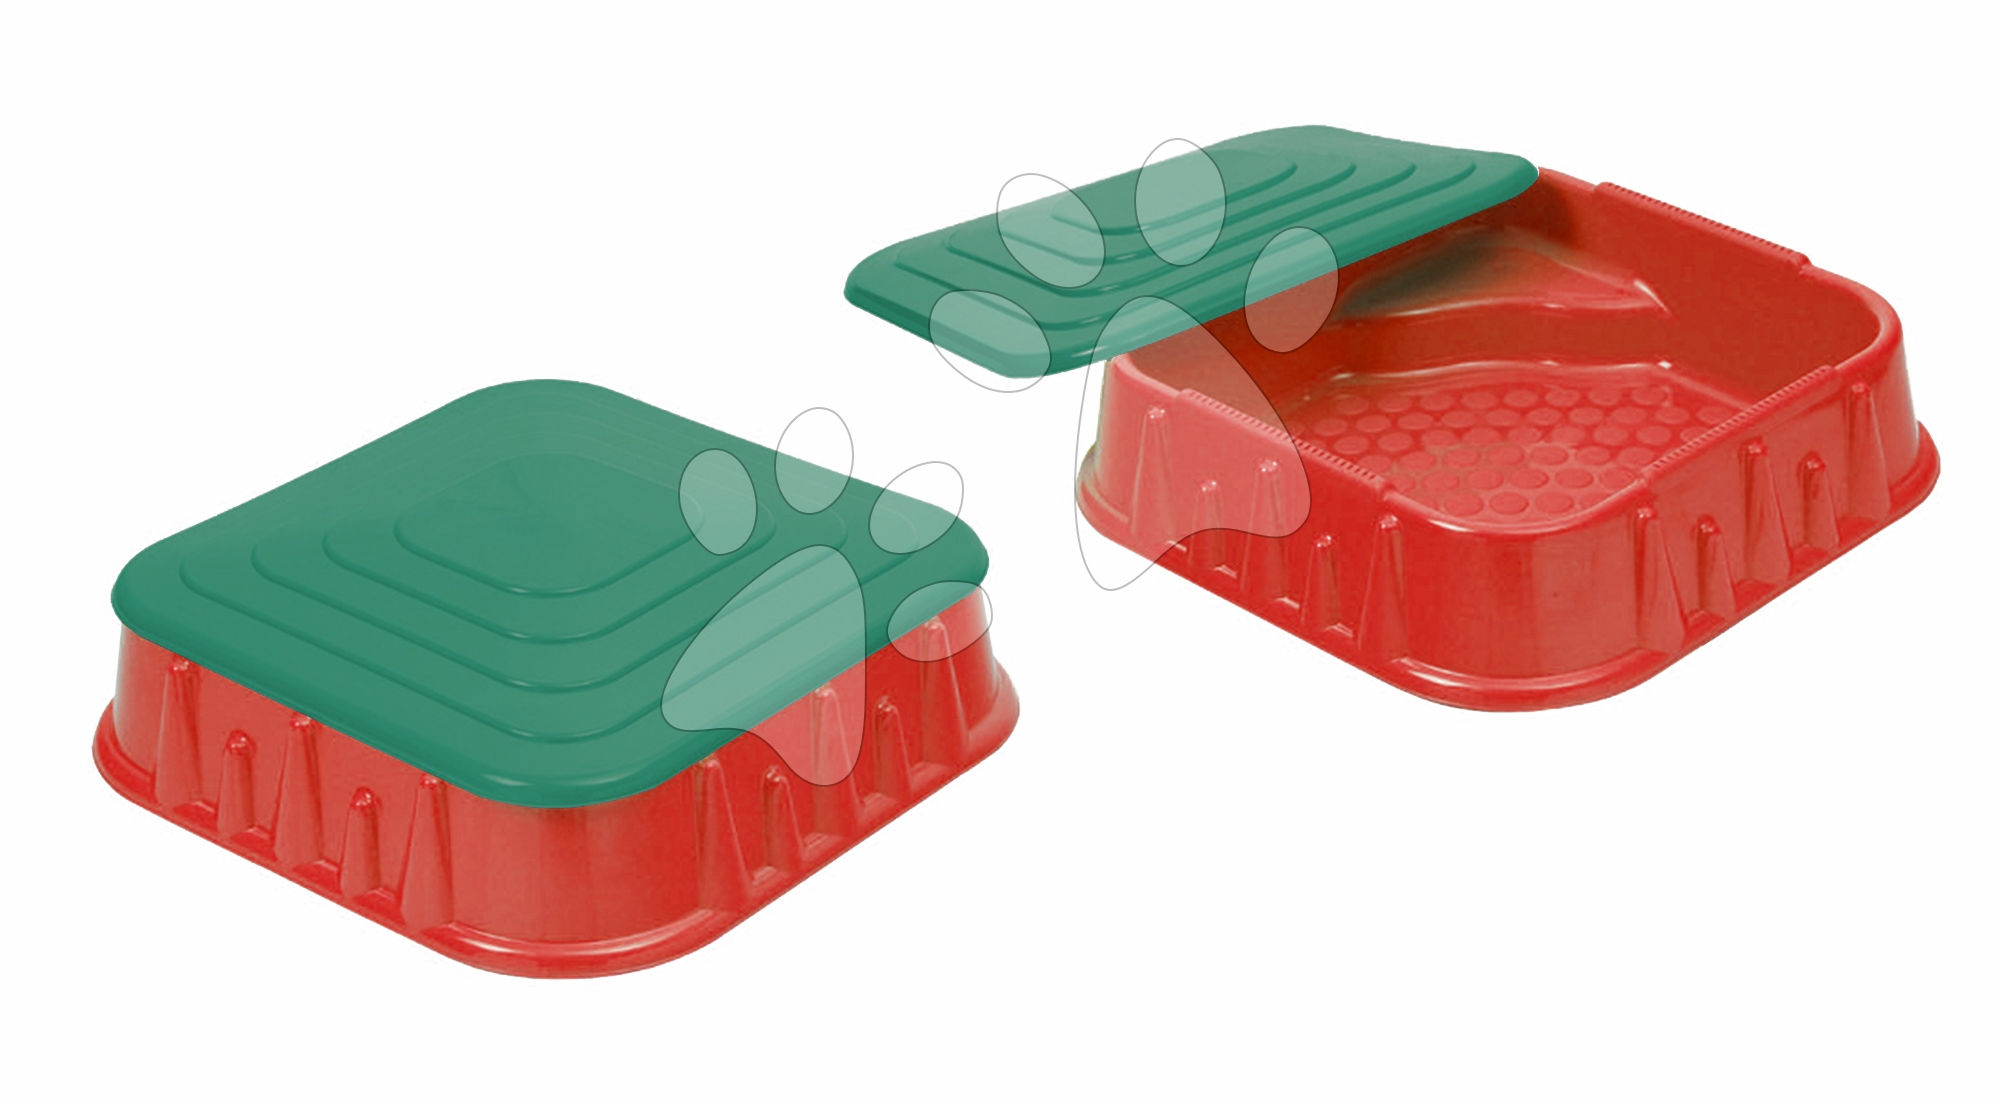 Pieskoviská pre deti - Pieskovisko Starplast štvorcové s krytom objem 60 litrov červeno-tmavozelené od 24 mes